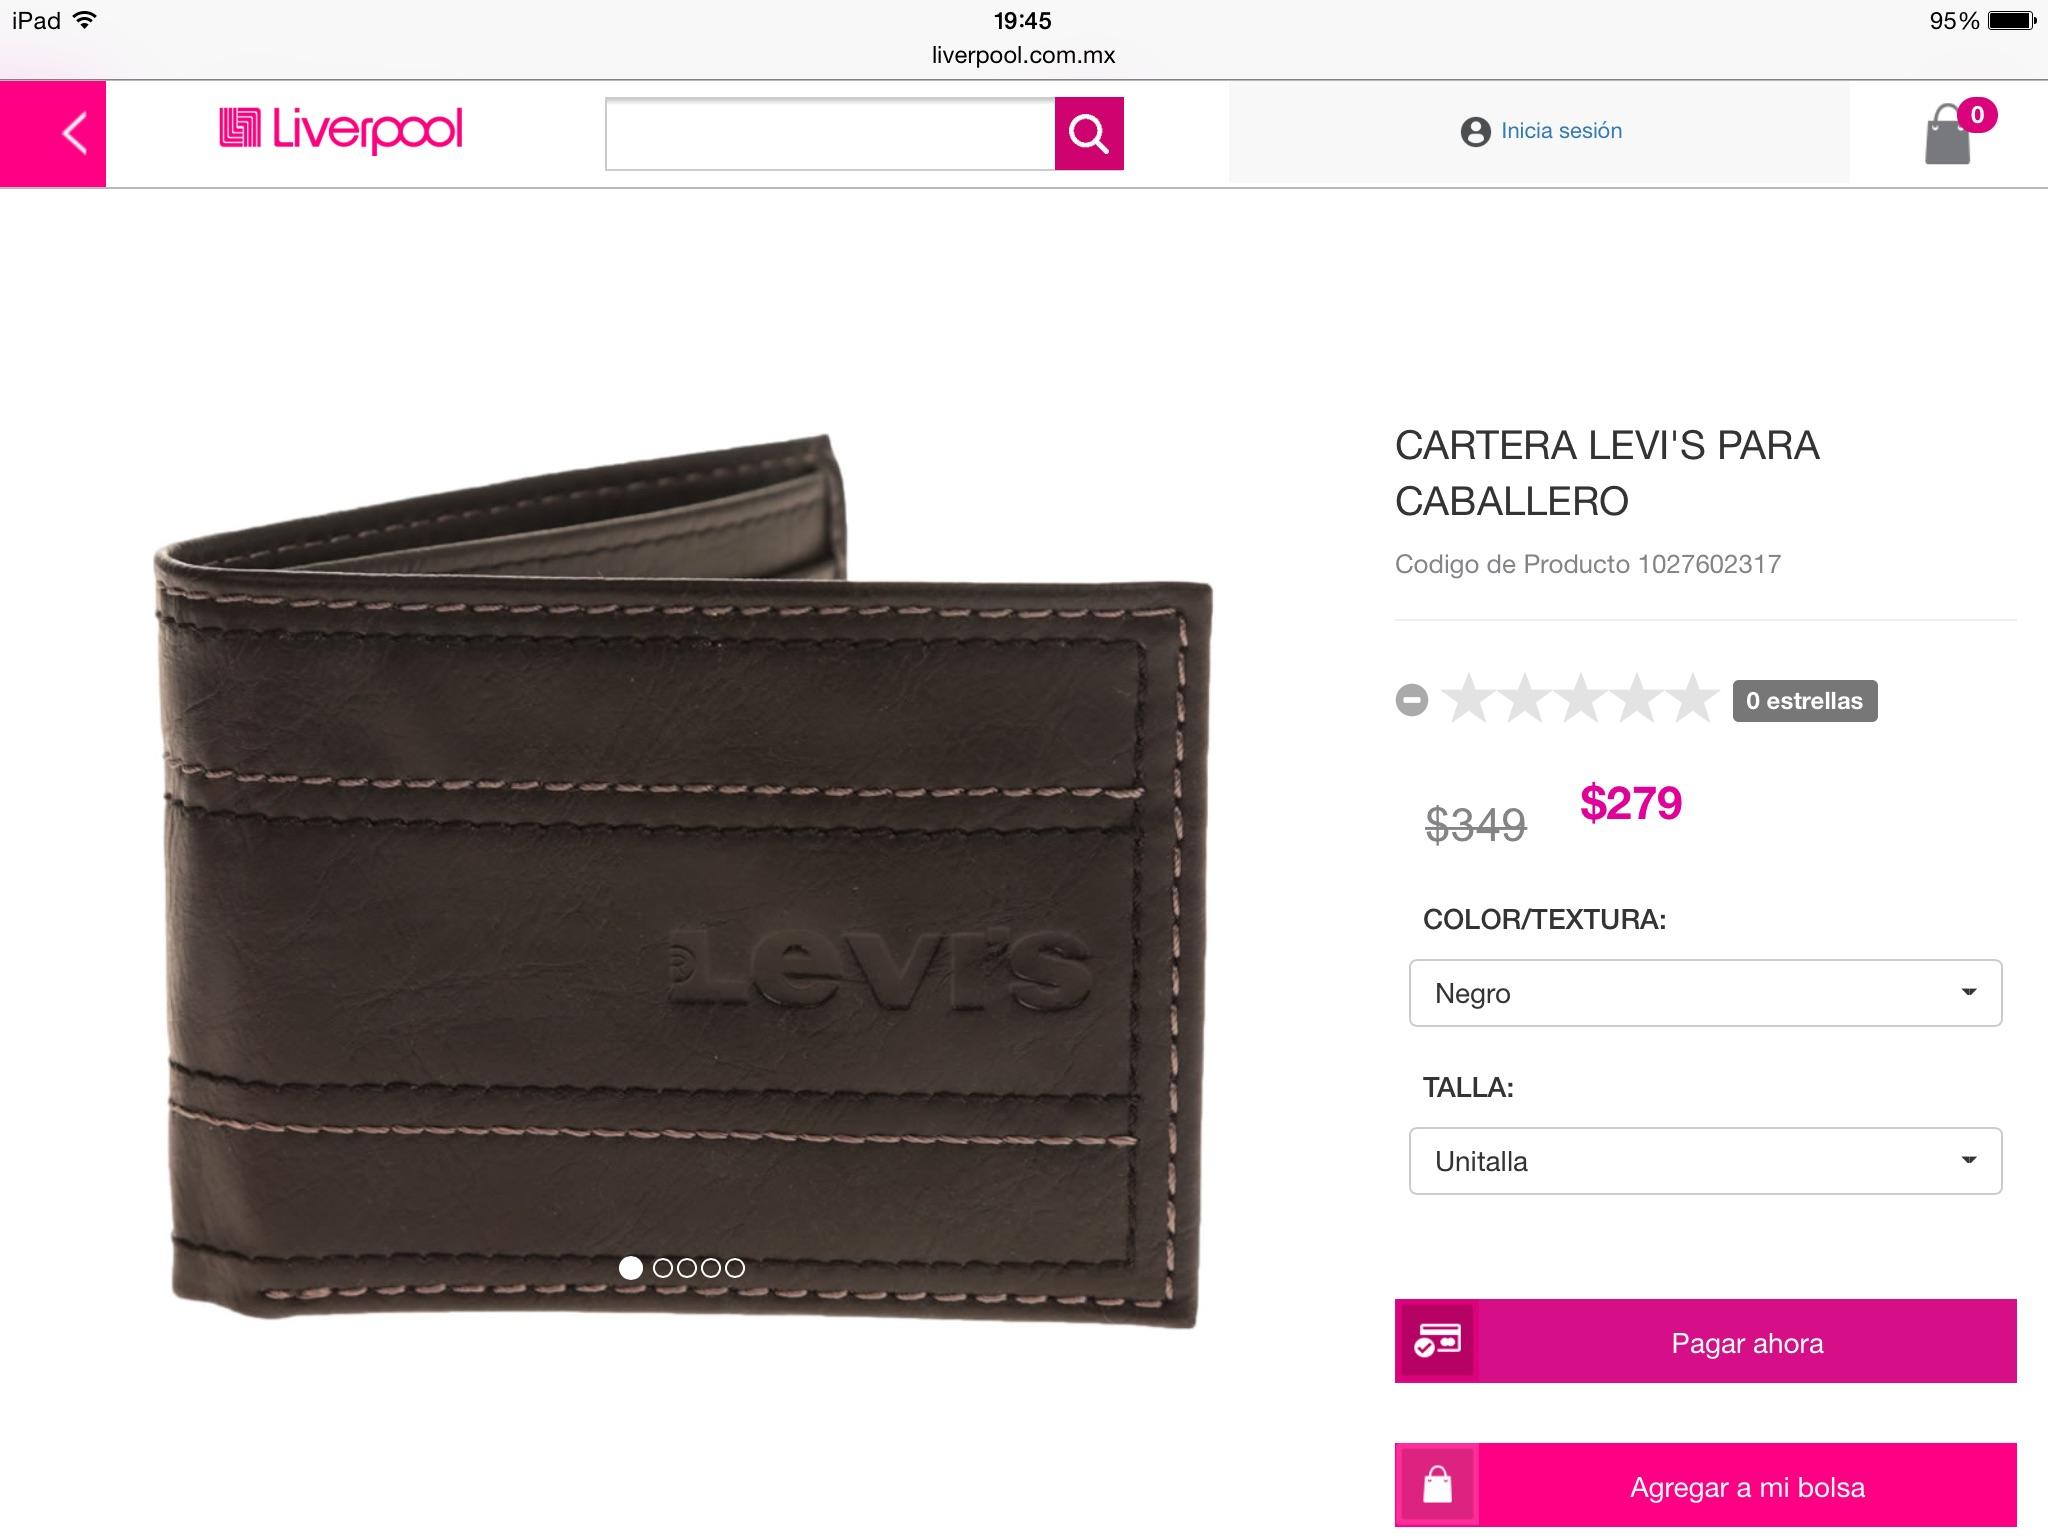 Liverpool: Mercancía Levi's 20% carteras desde $279.00 y otros